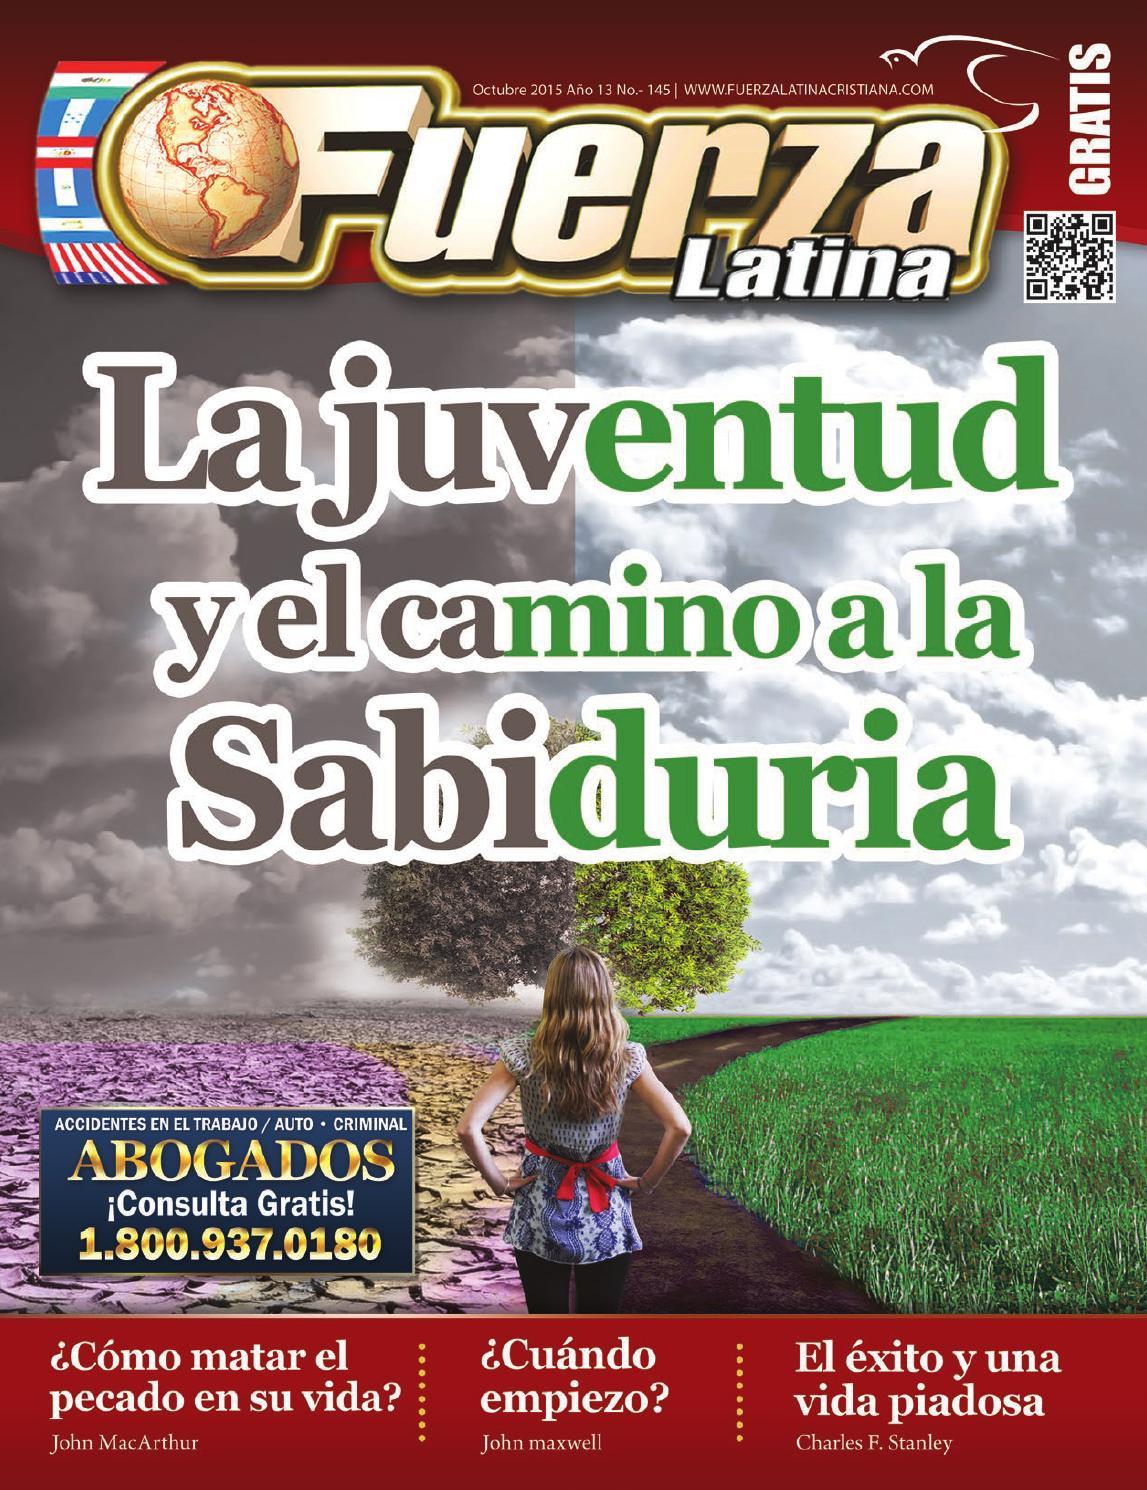 Fuerzalatina145 web by Fuerza Latina Revista - issuu